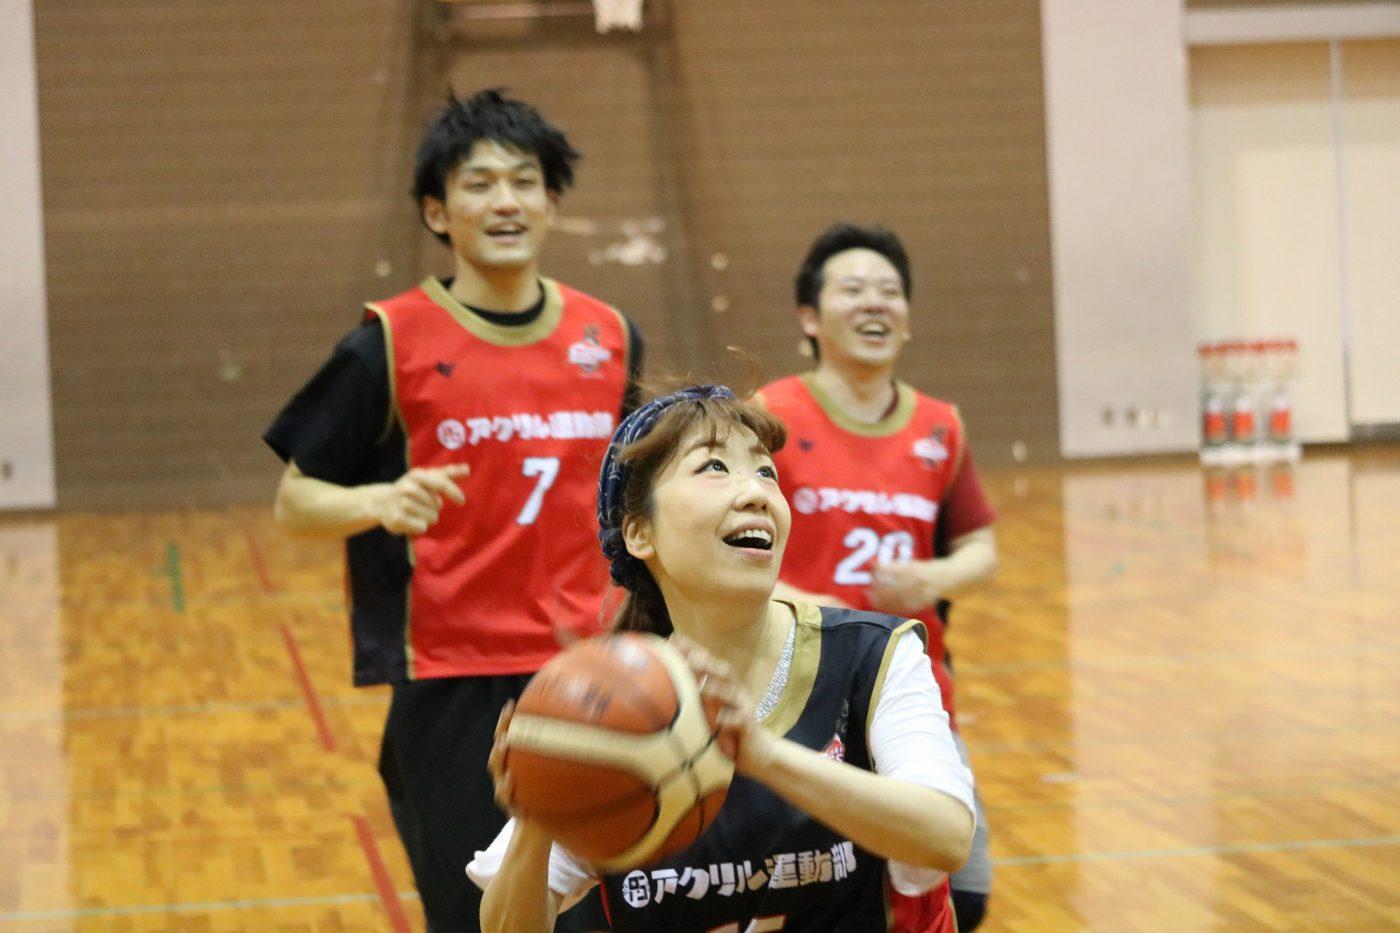 大阪エヴェッサホーム最終戦を前にママさんバスケ盛り上がる!まっちゃん初参戦!